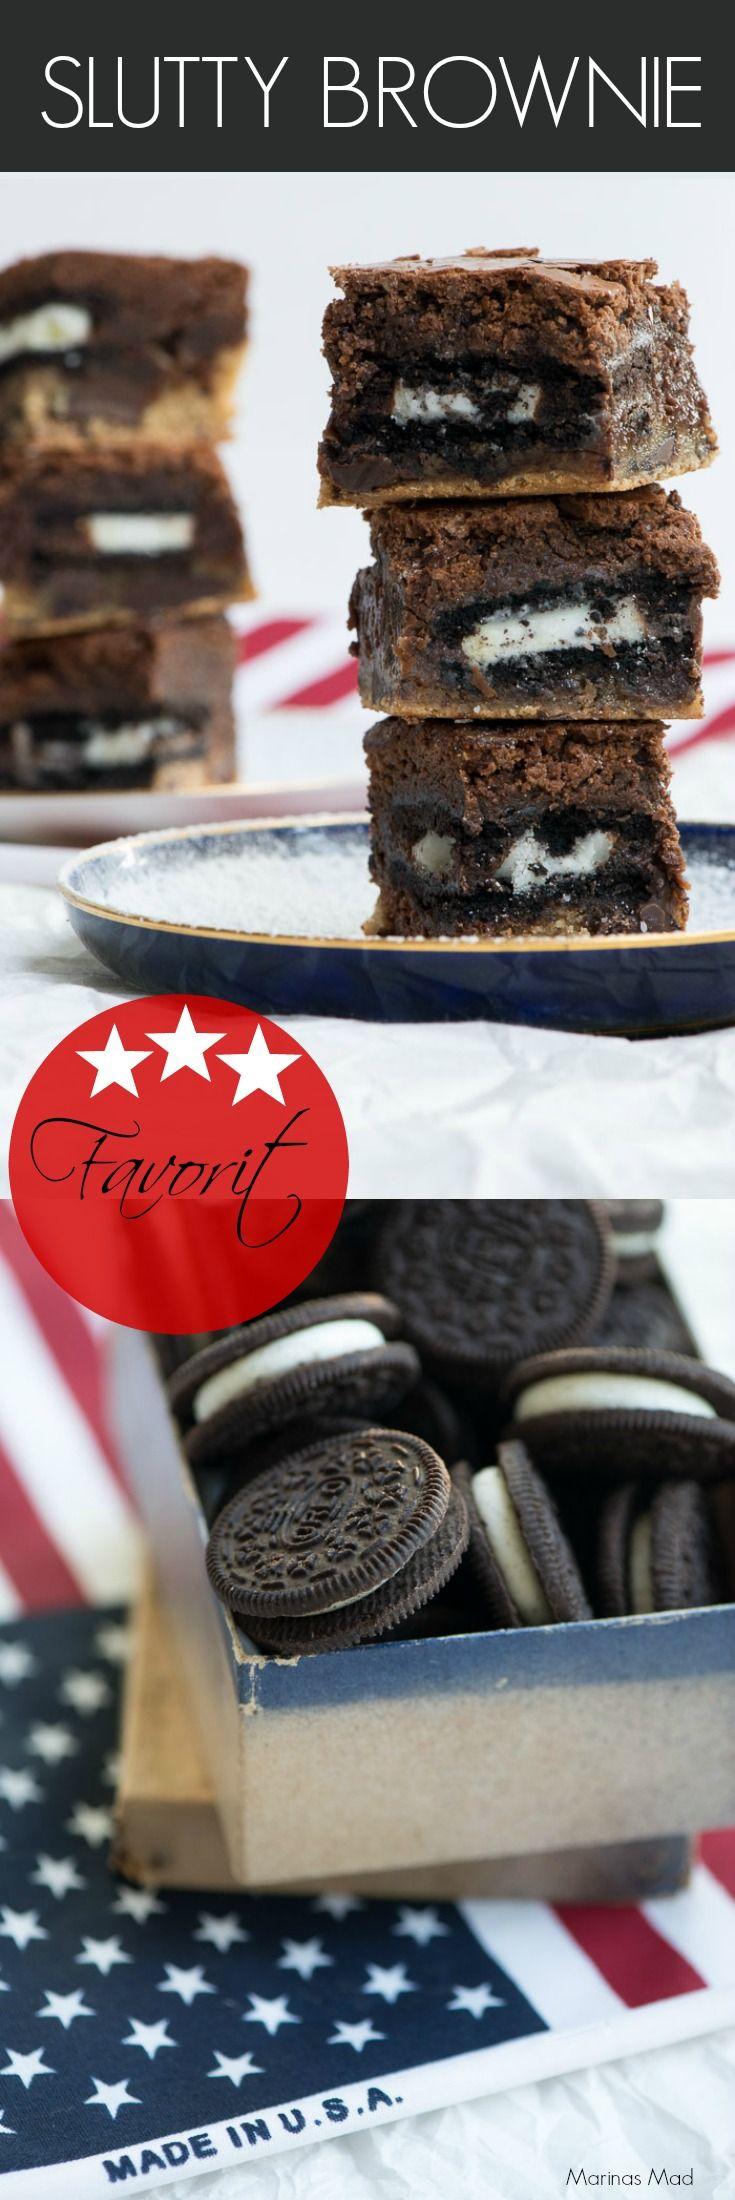 Slutty brownie: Fabelagtig lækker brownie med oreo og cookie. Når du har bagt den én gang vil alle plage dig om at bage den igen og igen og igen.